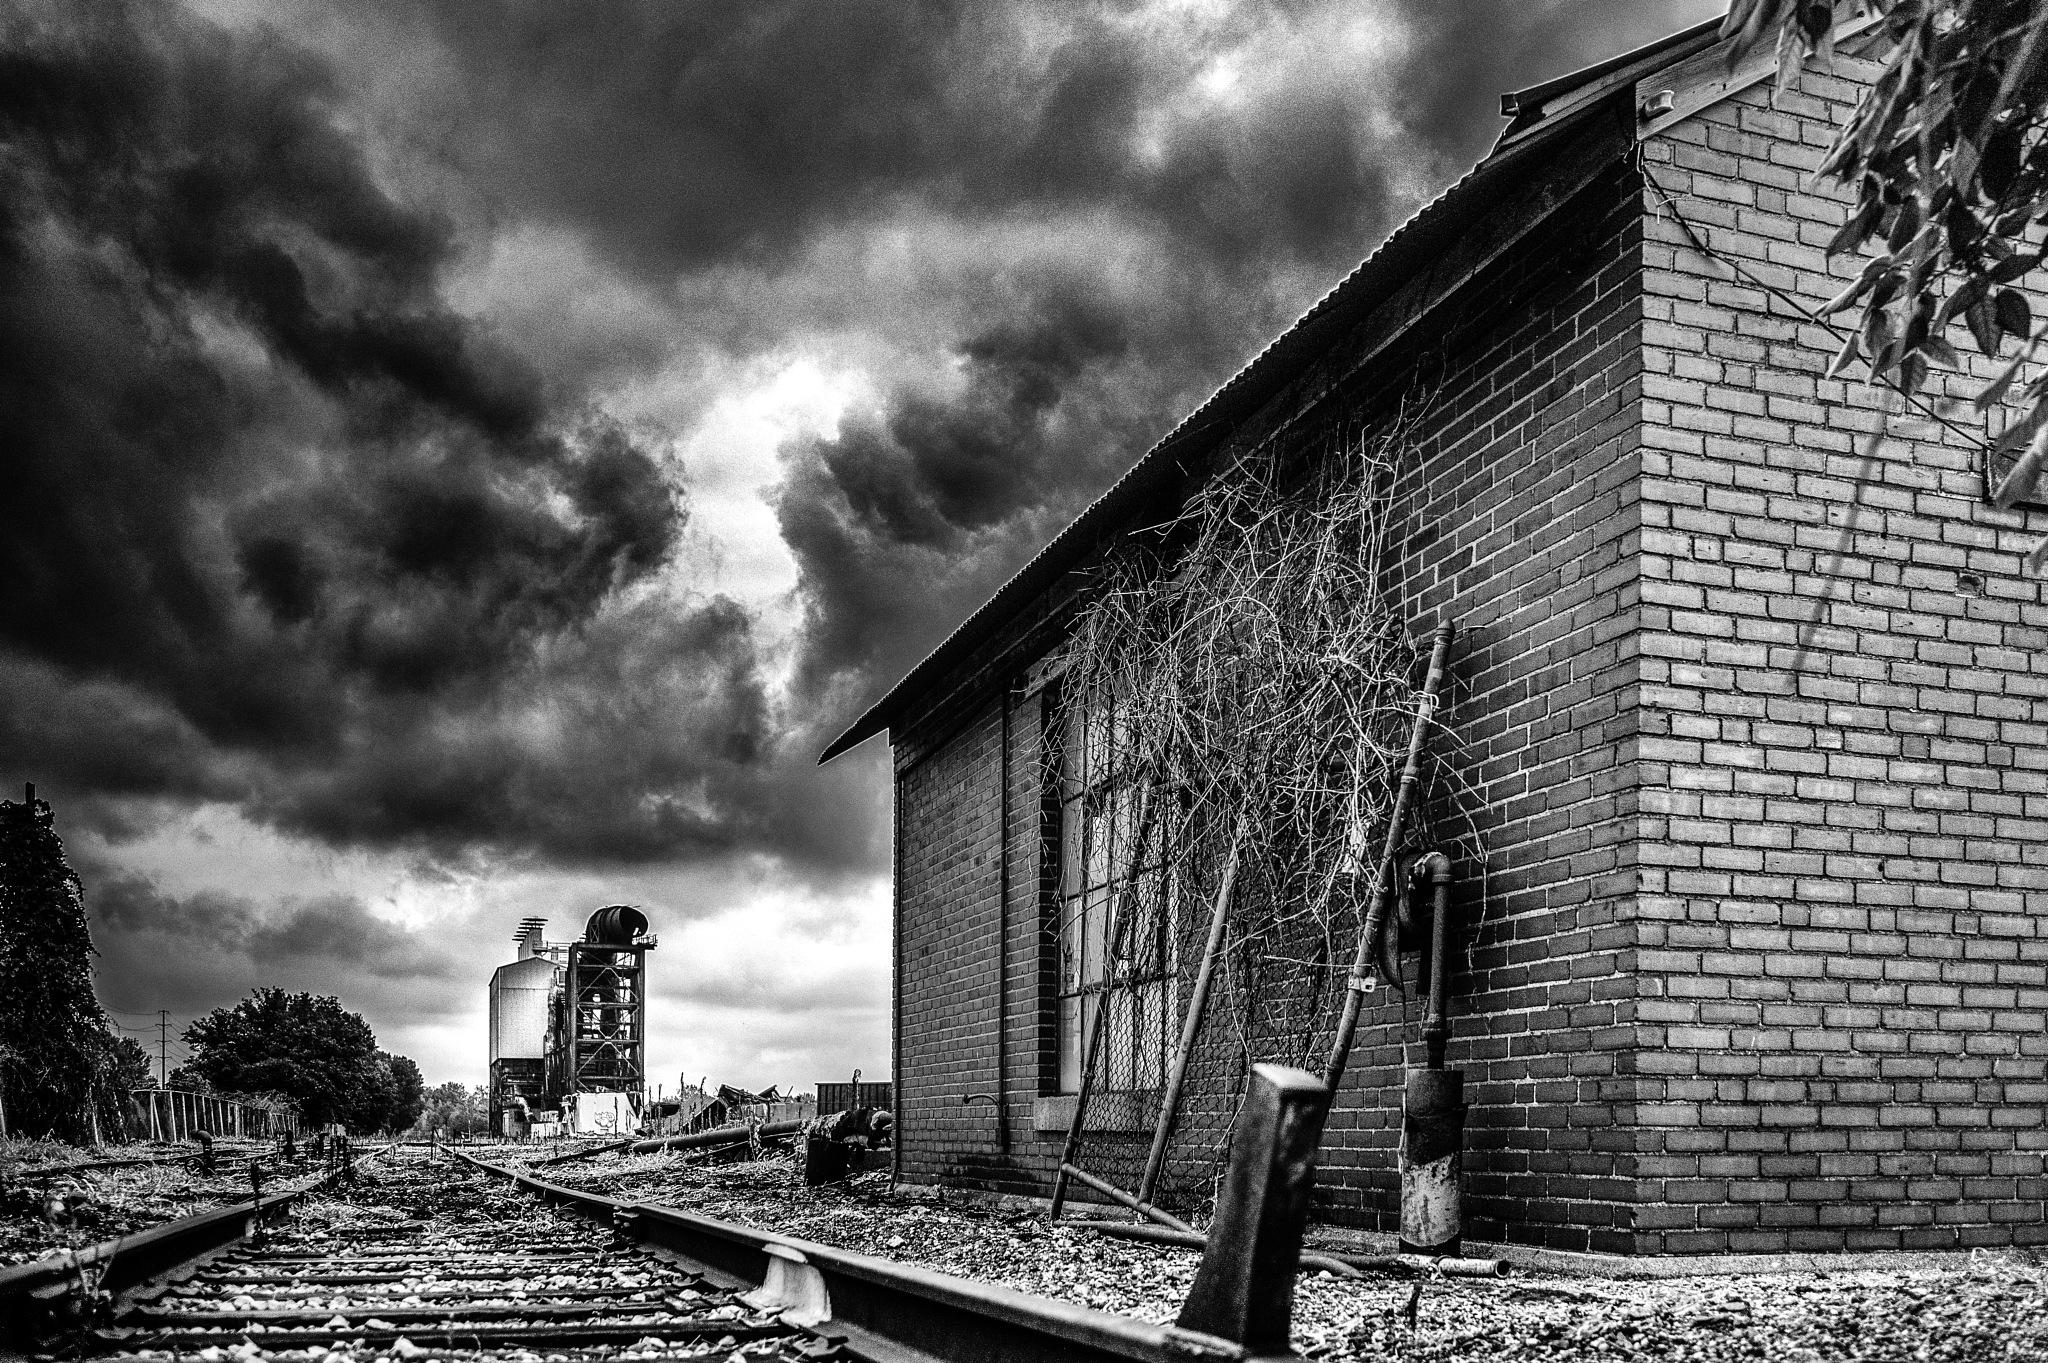 Railyard by L.A. Toy